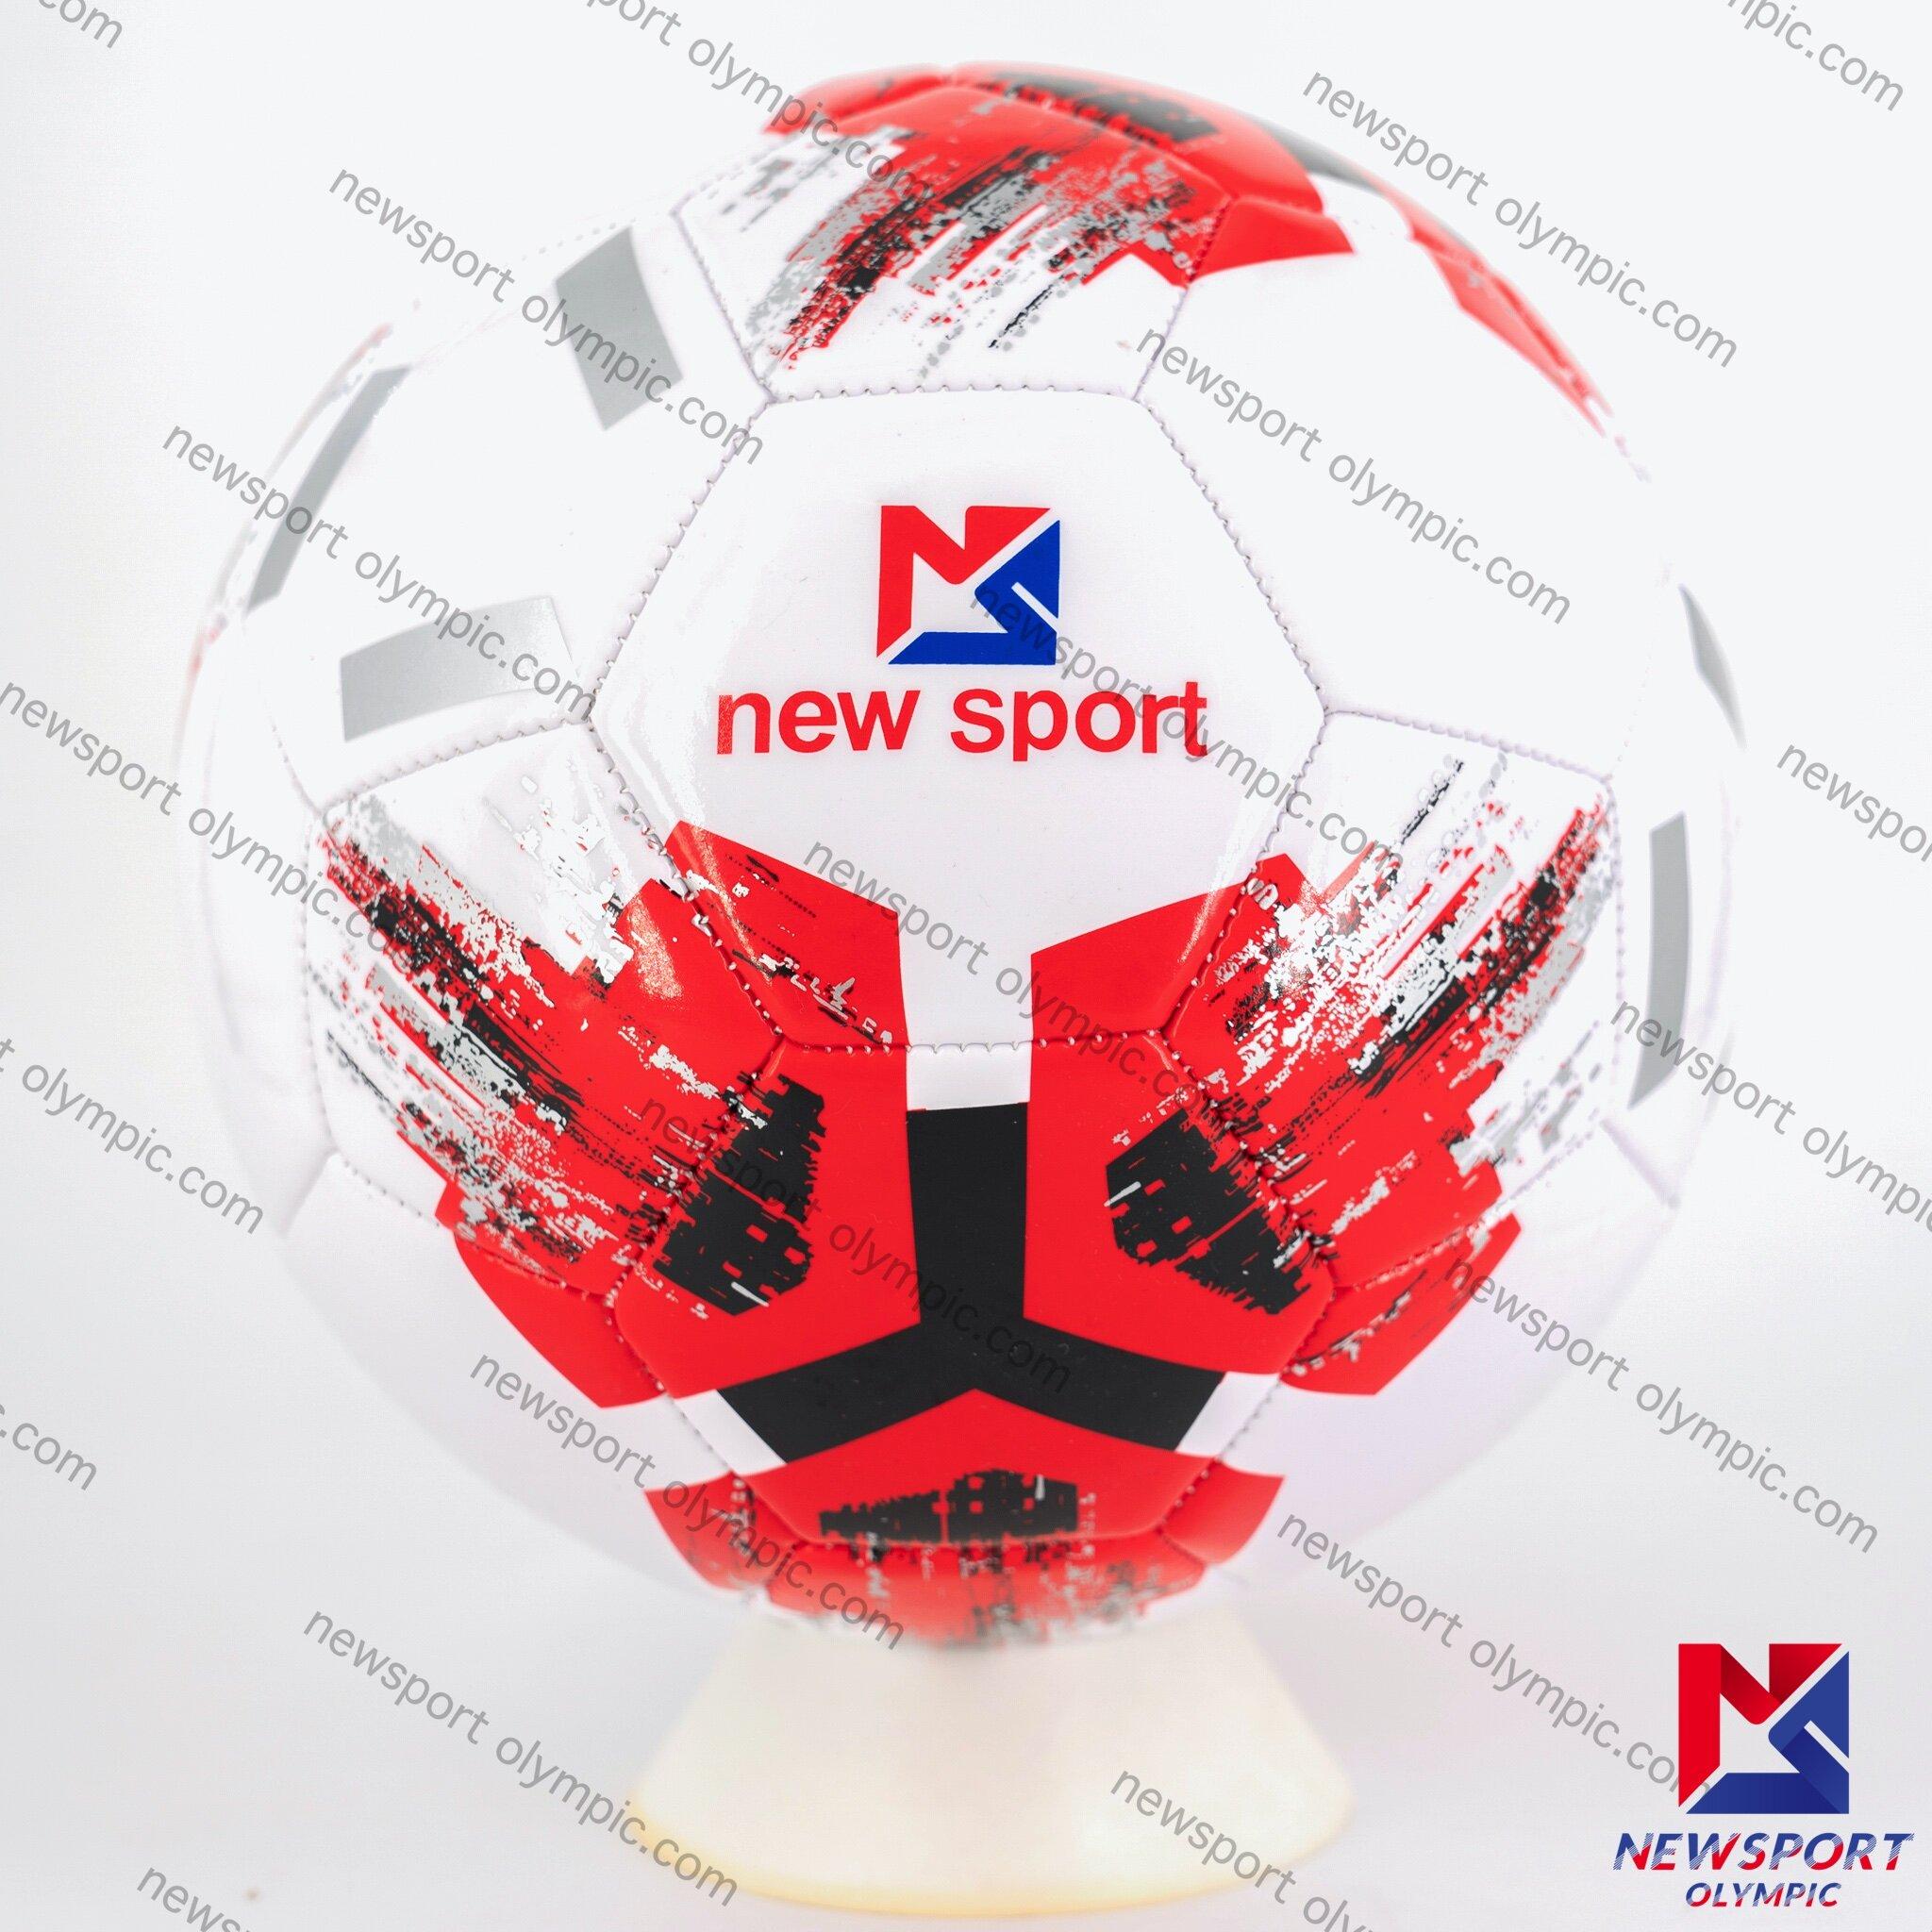 ฟุตบอลหนังเย็บ Bow Star รุ่น Nsf510.